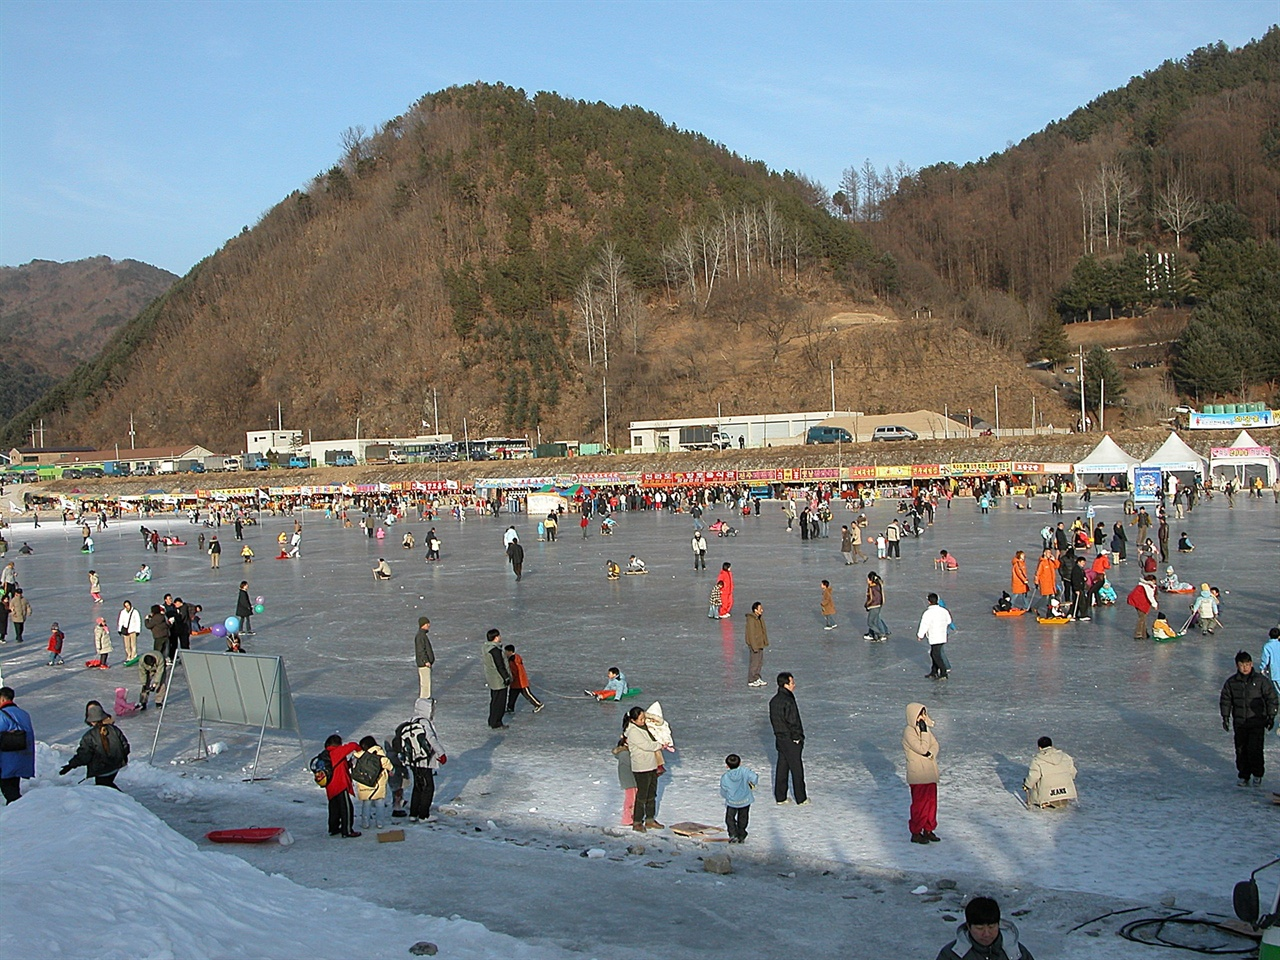 산천어축제장  화천 산천어축제 축제장은 가장 길고 가장 넓다. 이 모두를 즐기려면 하루 종일 걸린다고 보면 된다.